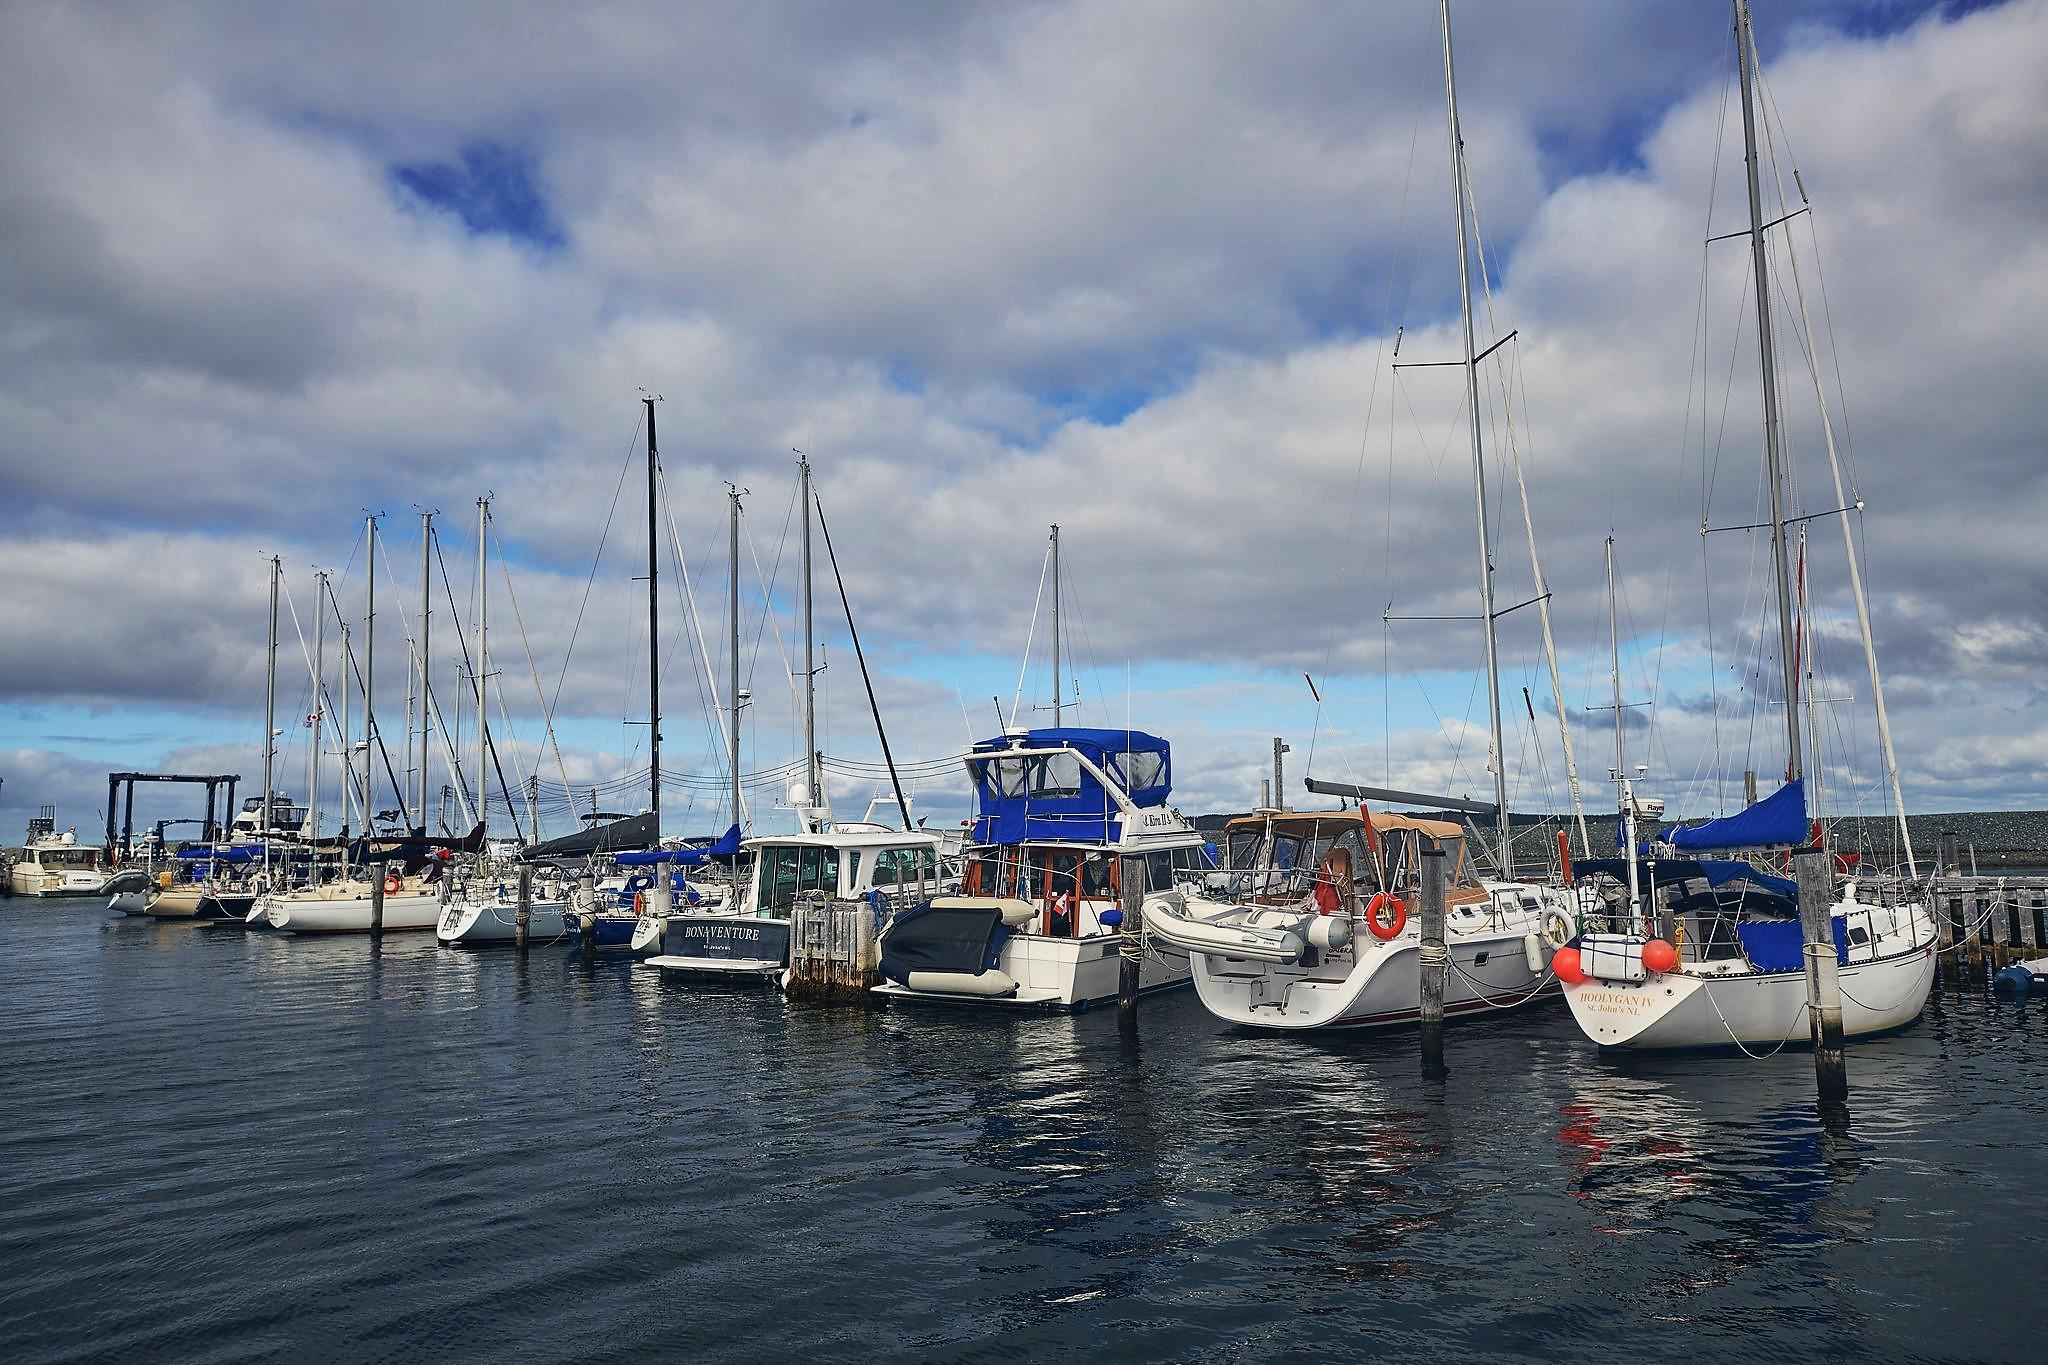 Newfoundland Yacht Club